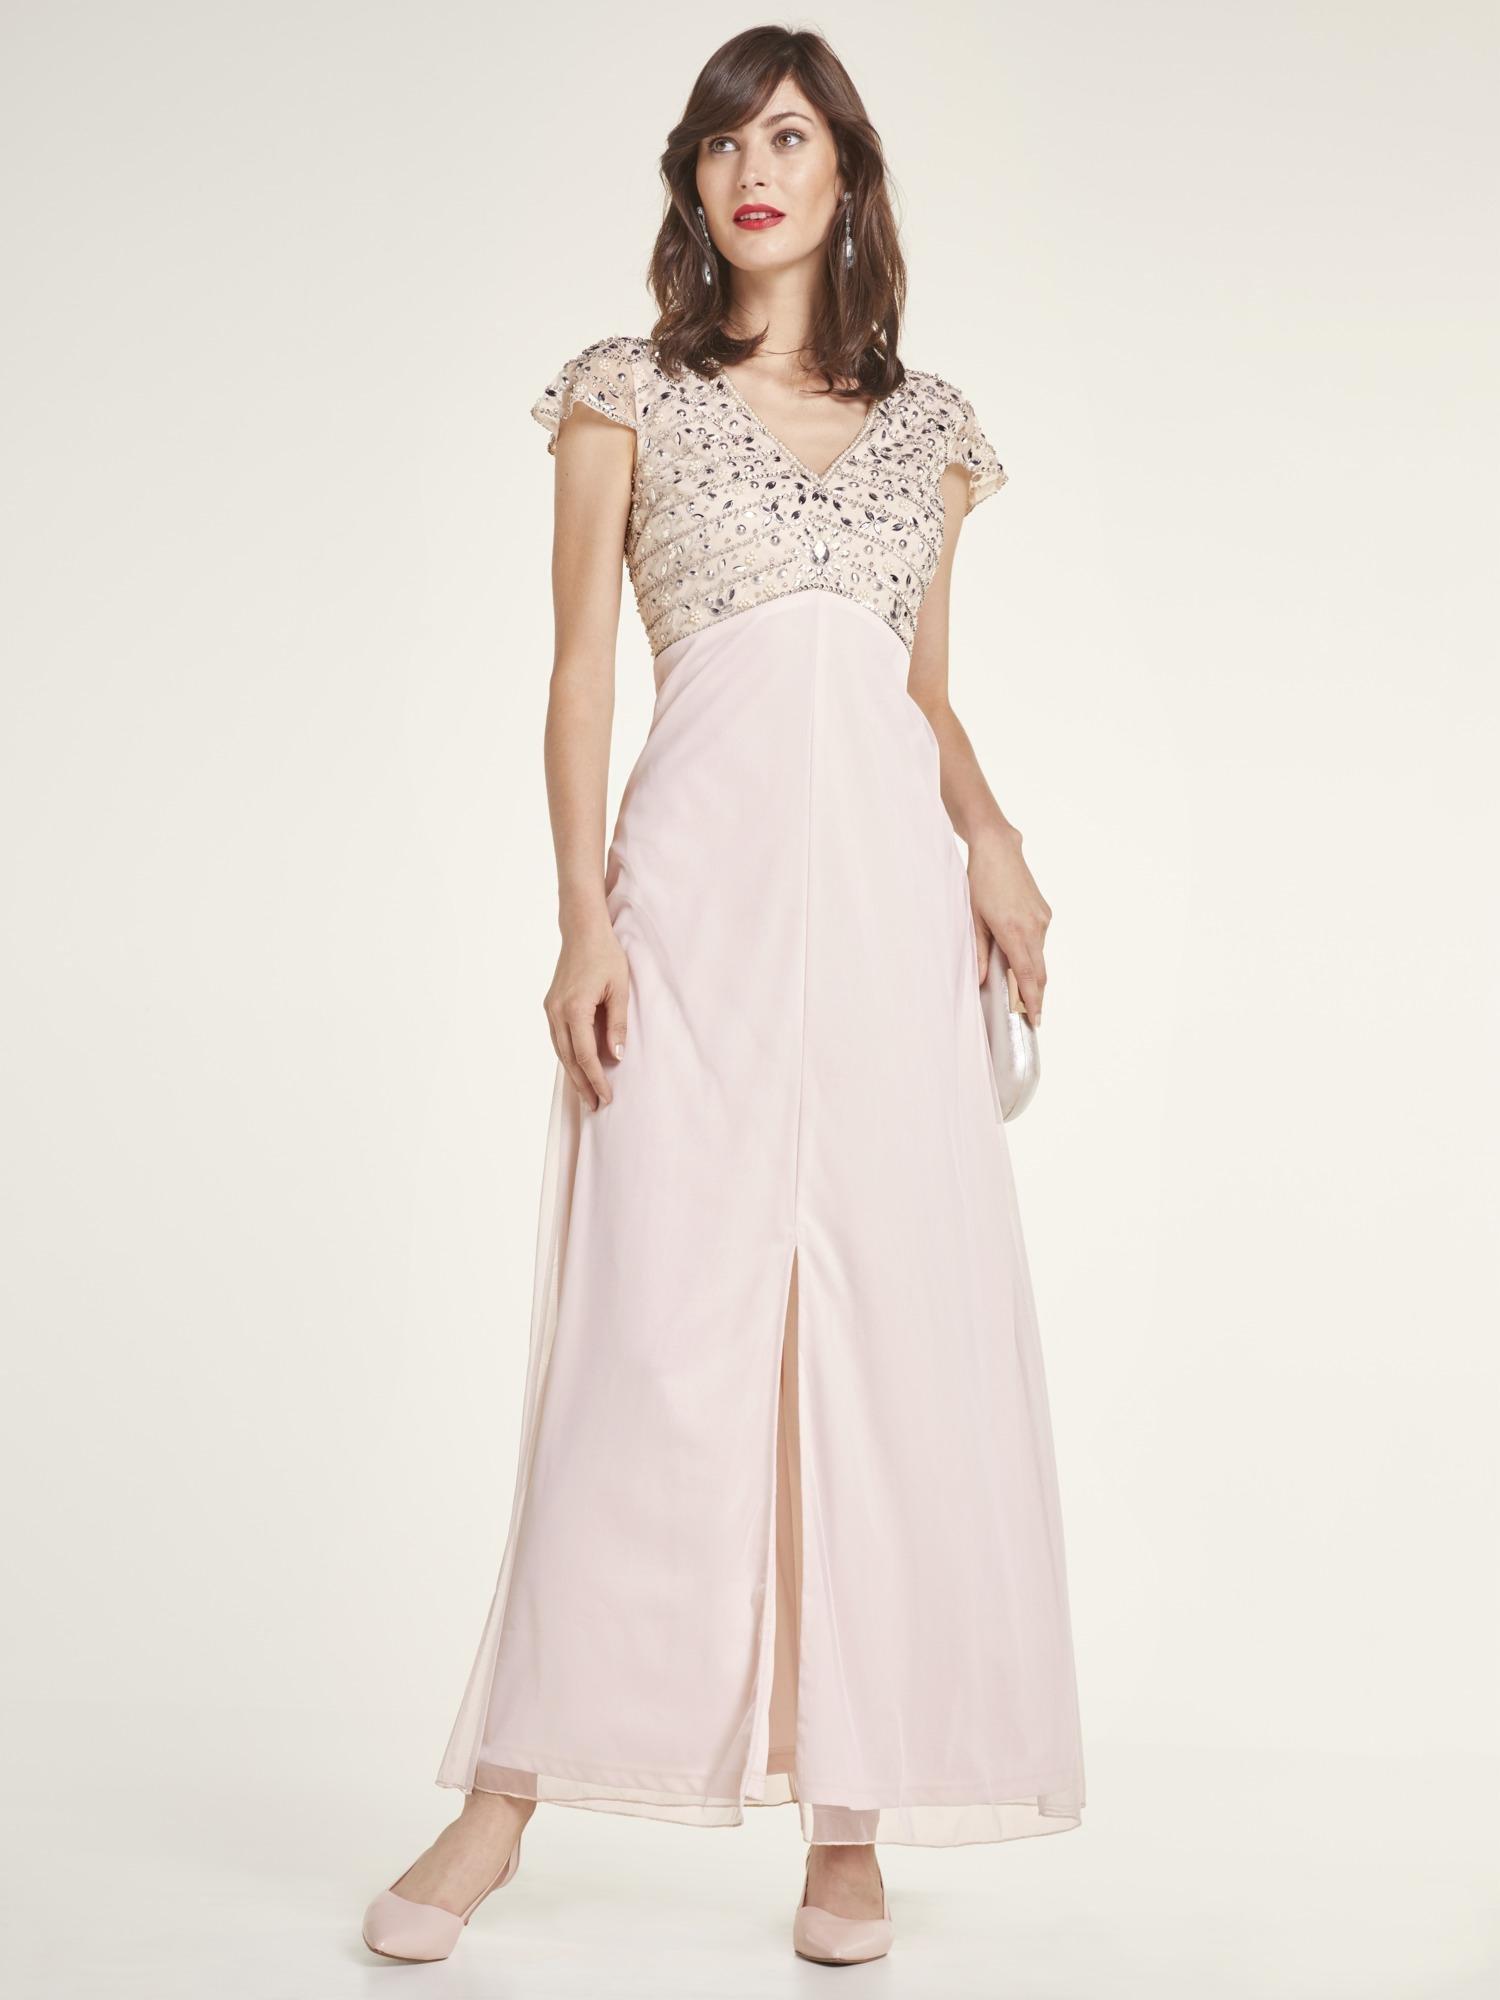 10 Luxurius Kaufen Abendkleid Ärmel17 Genial Kaufen Abendkleid Ärmel